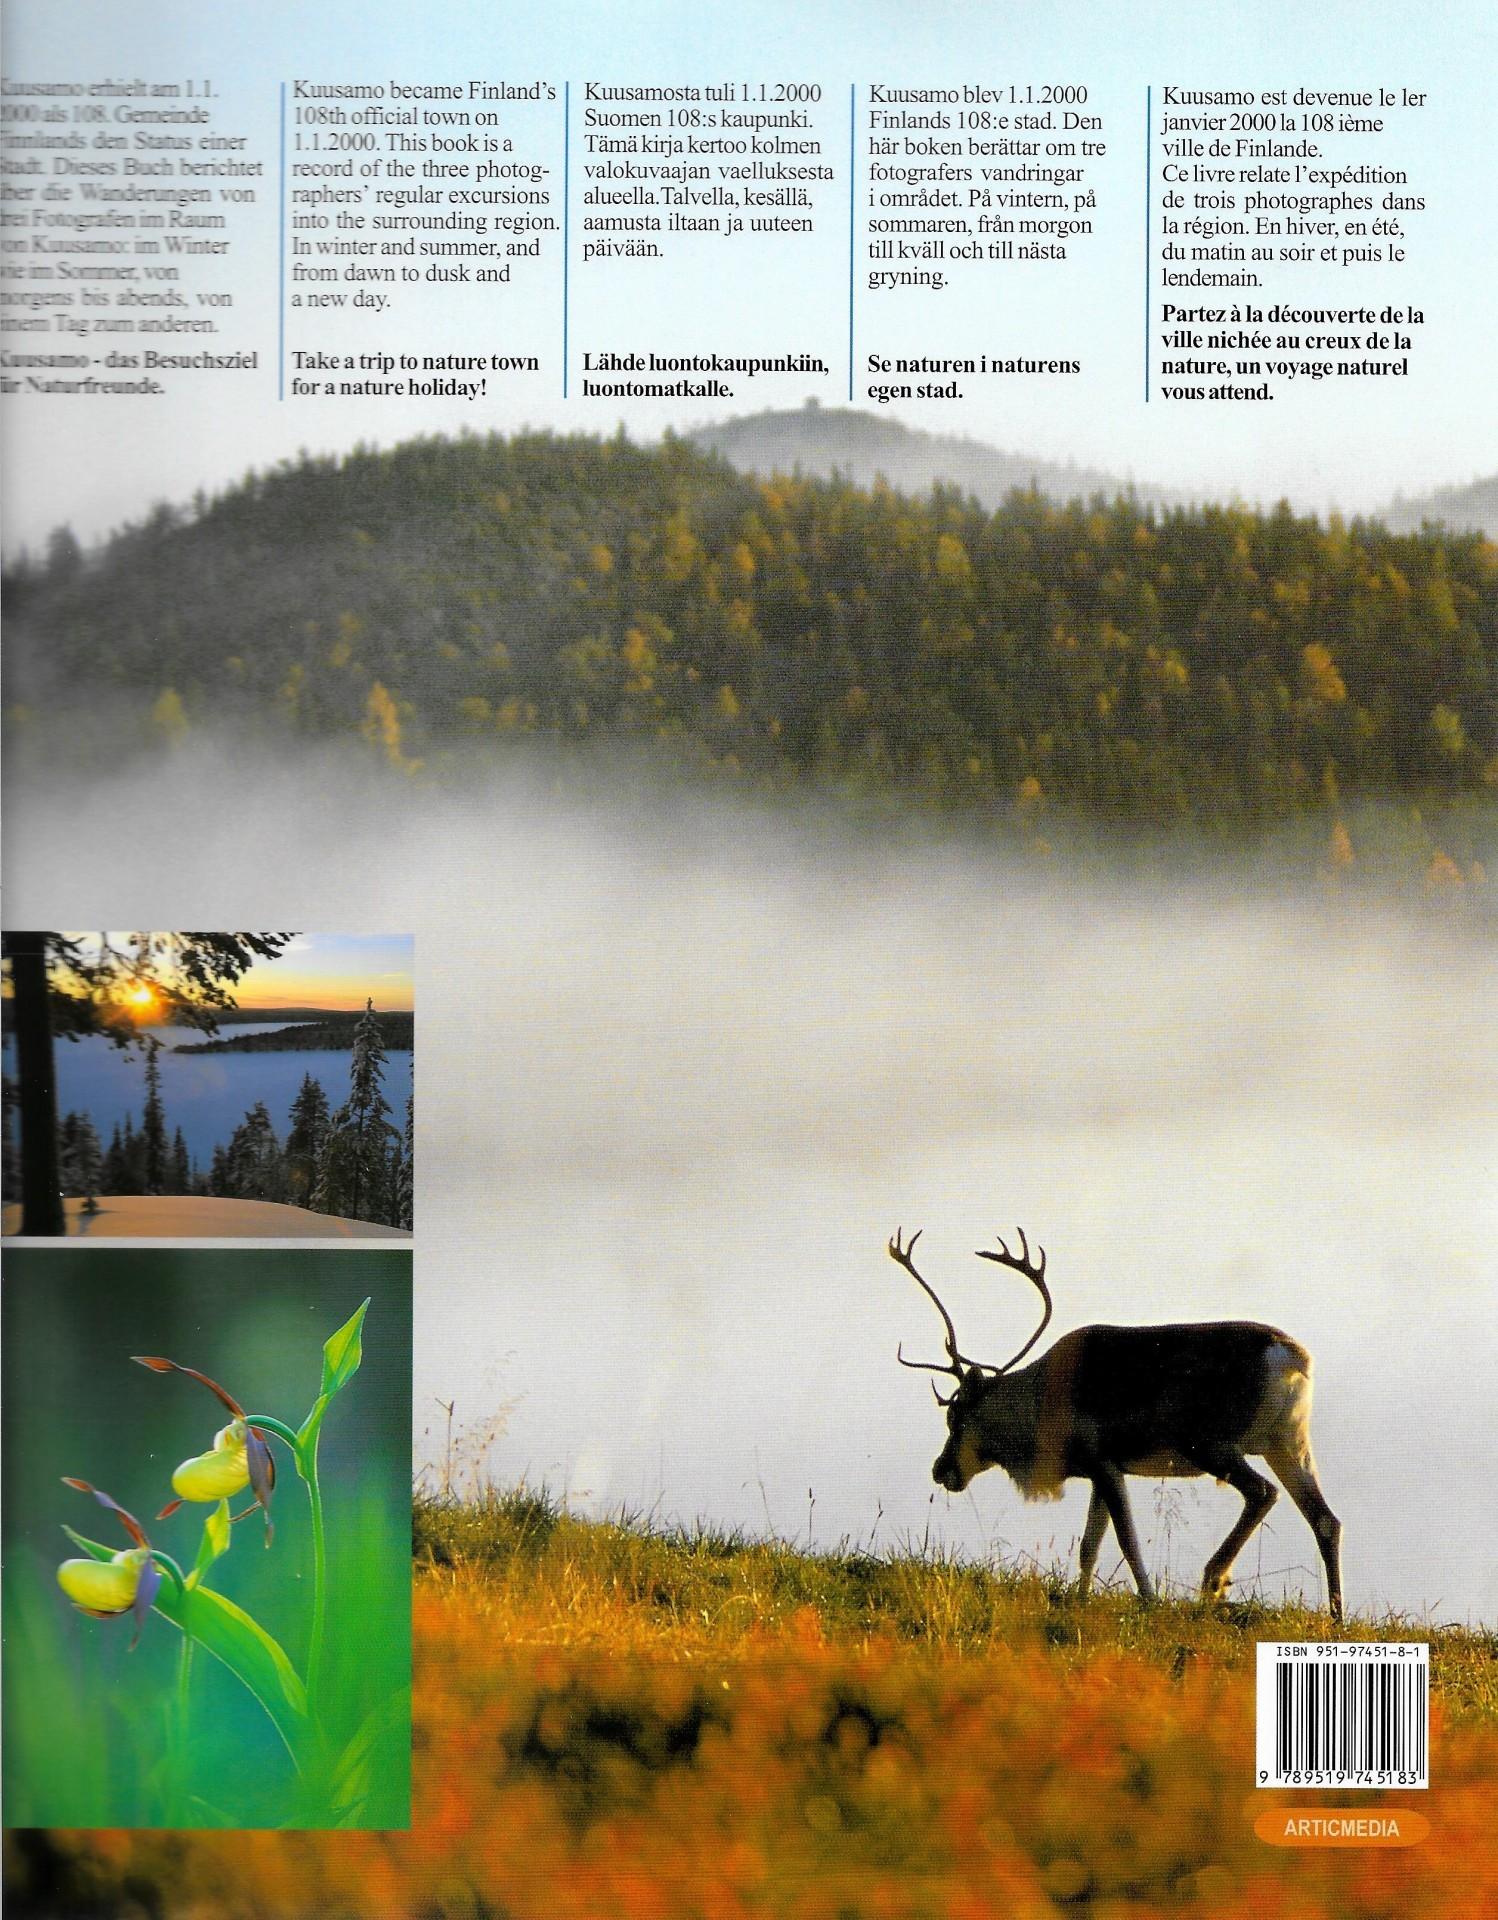 Kuusamo - luontokaupunki englanniksi, saksaksi, ruotsiksi ja ranskaksi 2000 takakansi